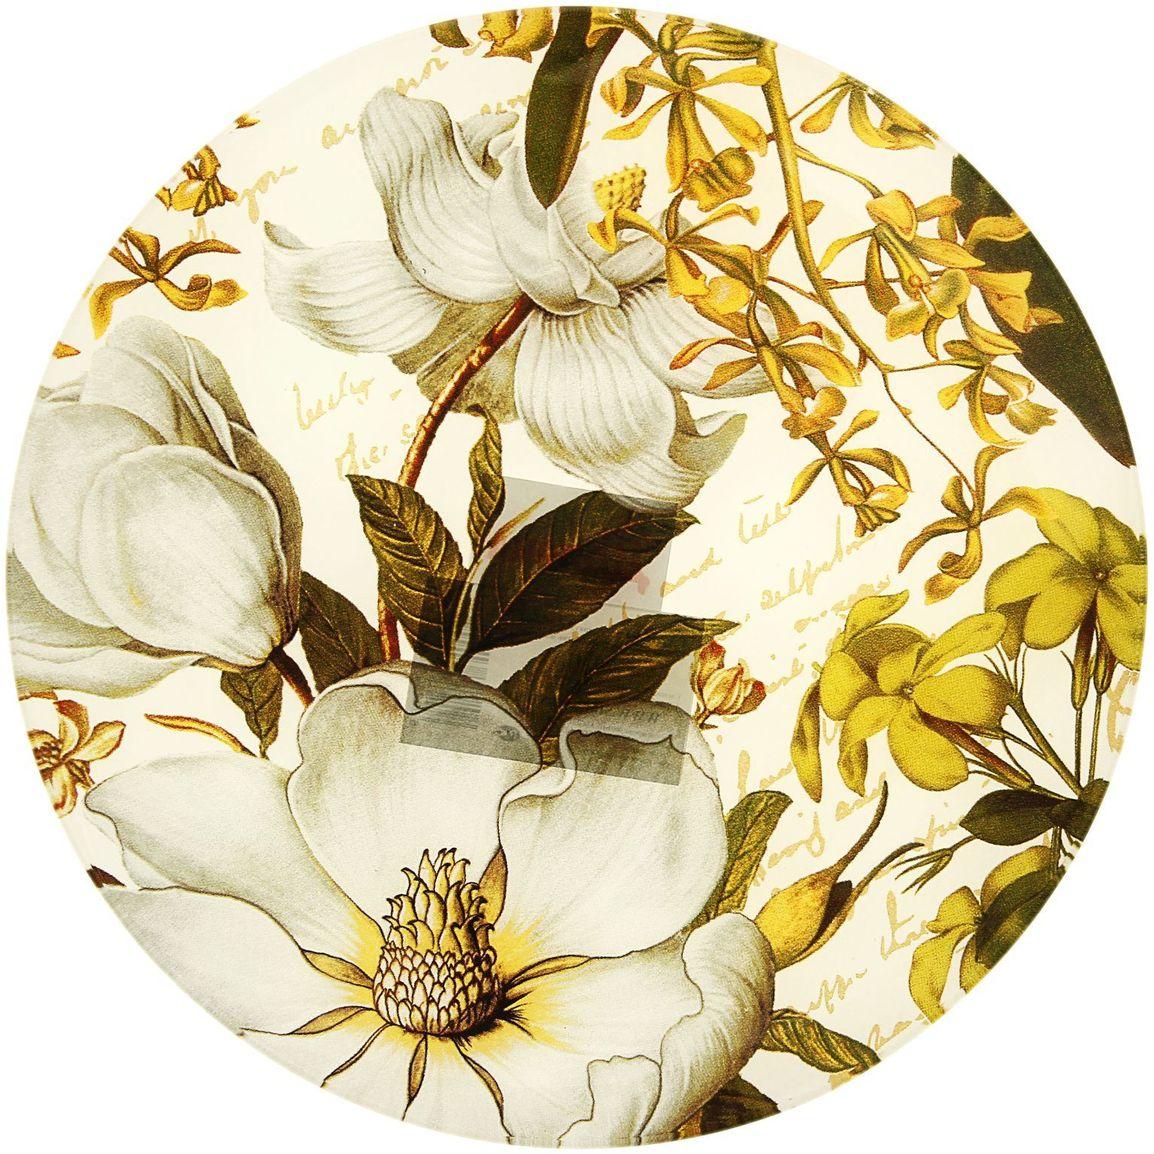 Тарелка десертная Доляна Ветвь жасмина, диаметр 20 см230464Столовая посуда с природными мотивами в оформлении разнообразит интерьер кухни и сделает застолье самобытным и запоминающимся. Достоинства: качественное стекло не впитывает запахов; гладкая поверхность обеспечивает лёгкость мытья; яркий дизайн порадует ценителей стиля фолк. Рекомендуется избегать использования абразивных моющих средств. Делайте любимый дом уютнее!